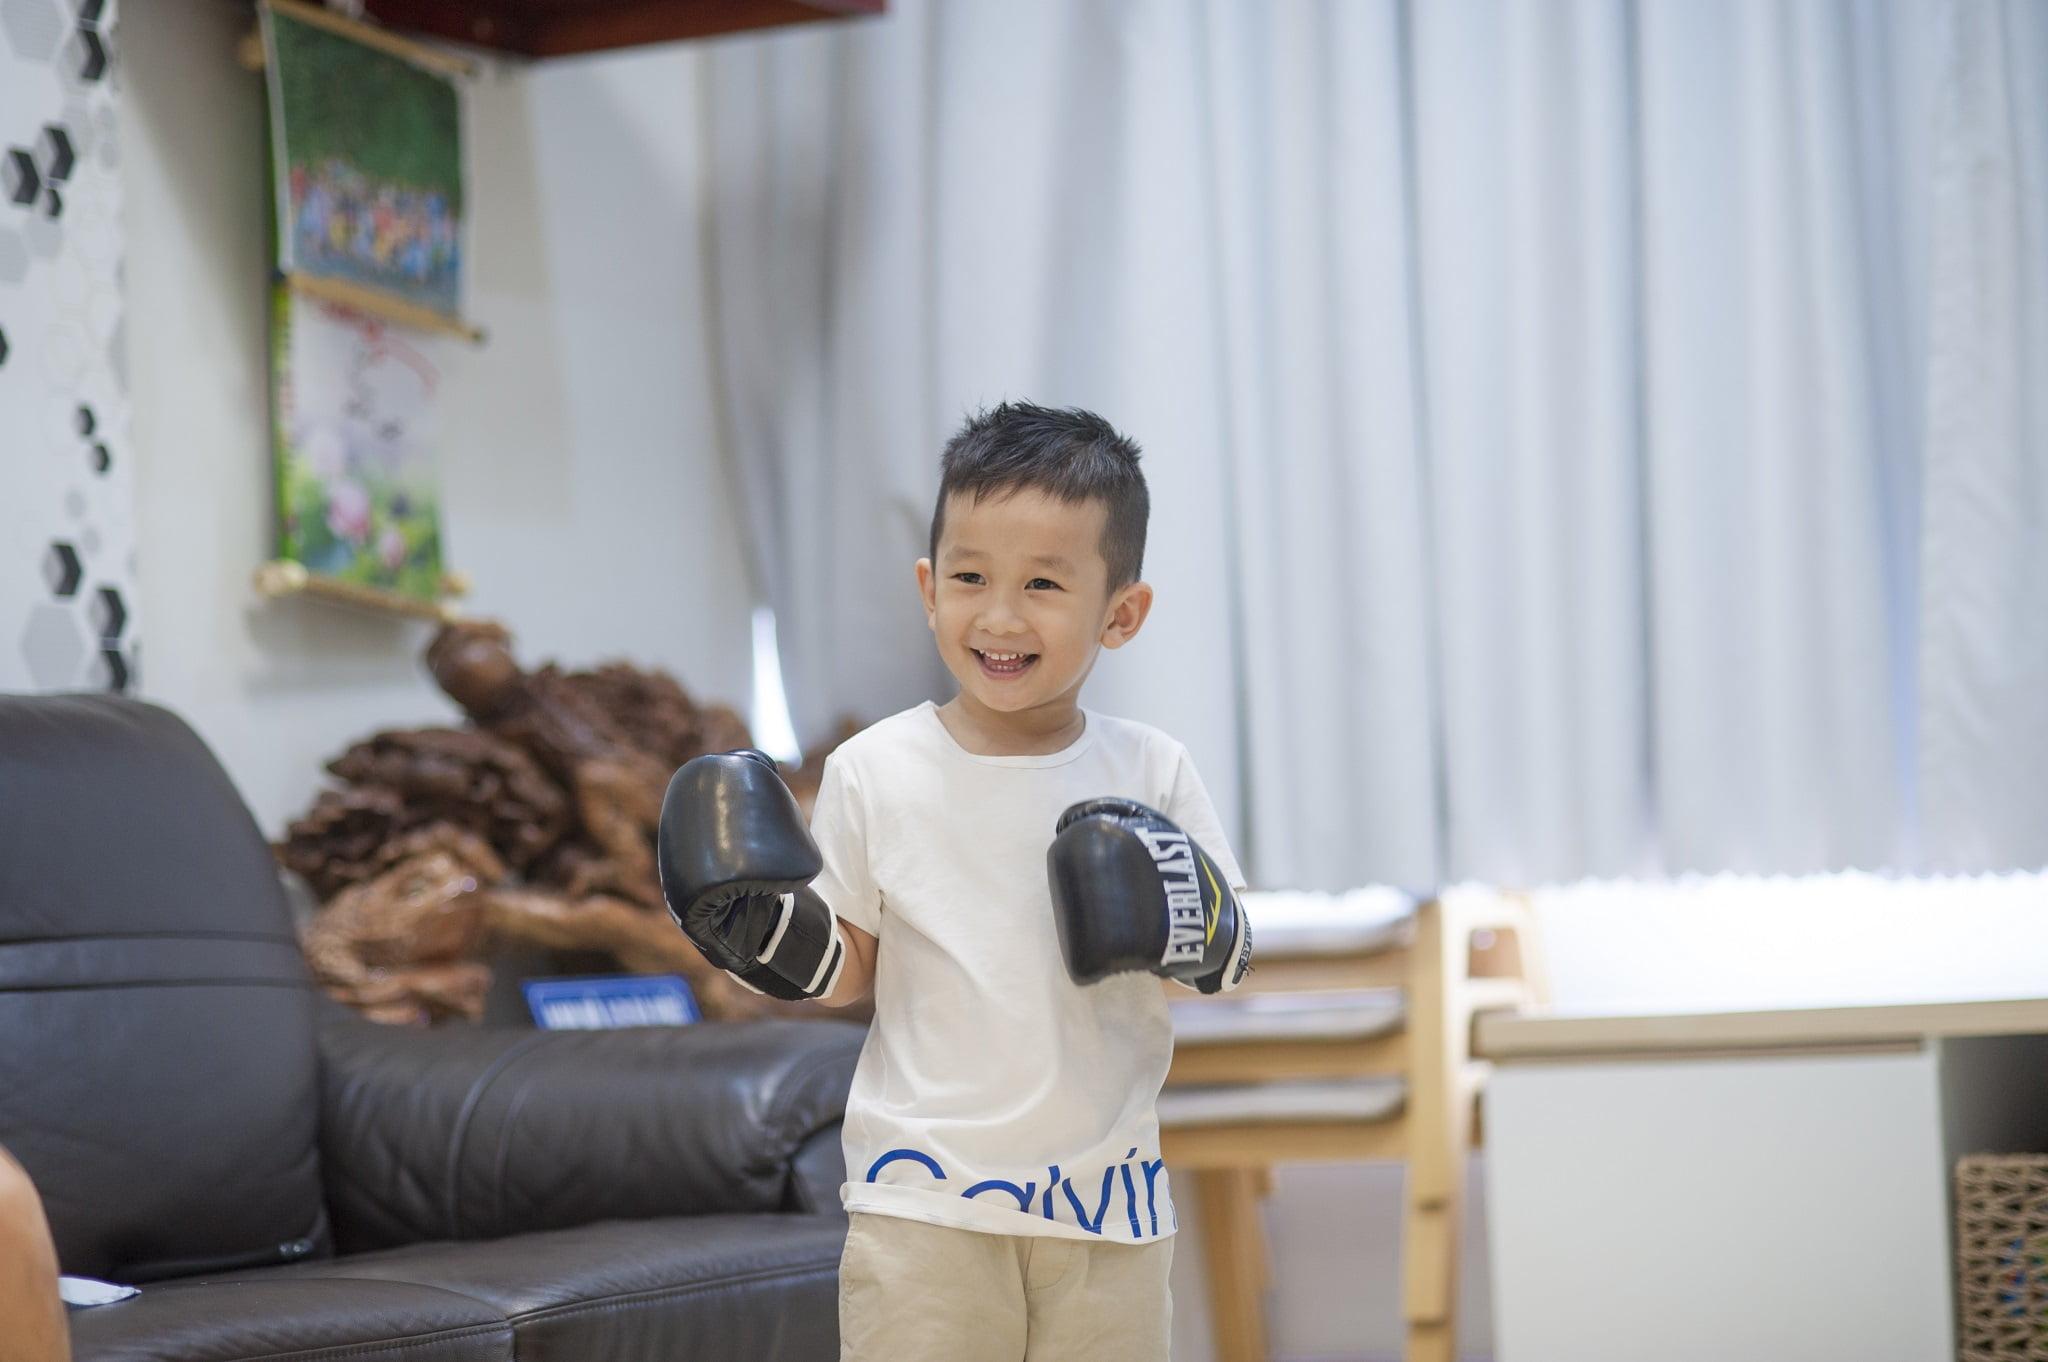 64 - Ảnh chụp bé Jindo 4 tuổi - KDL Bình quới 3 Tp.HCM